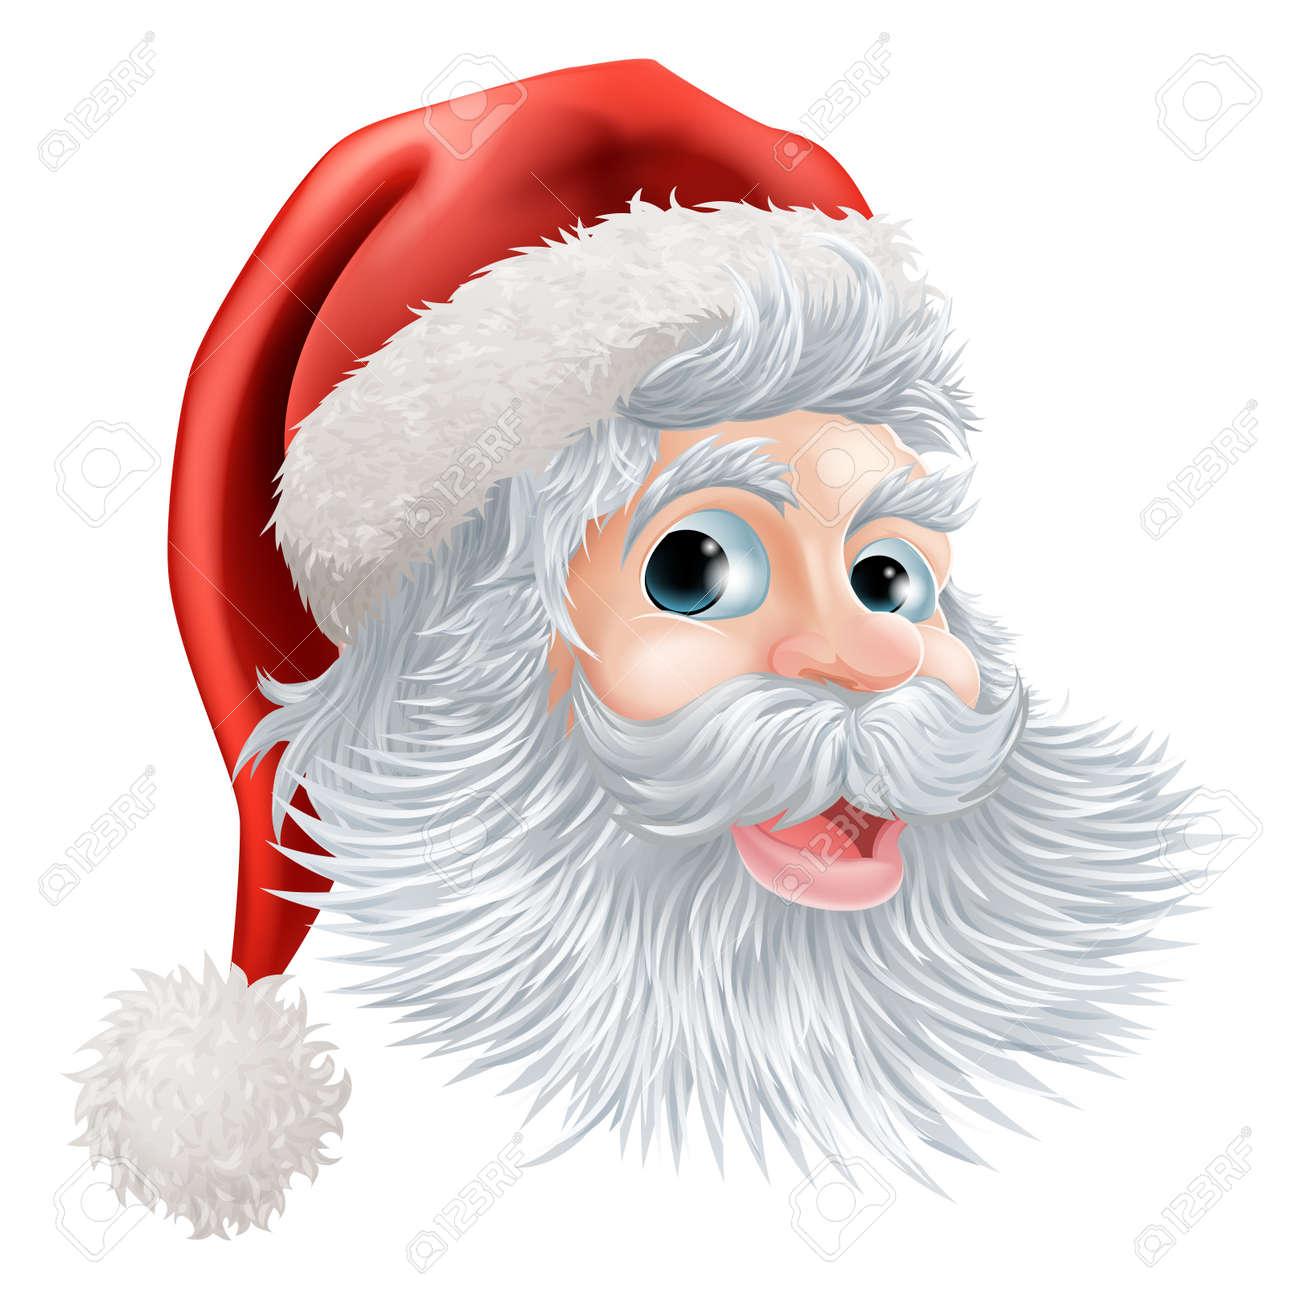 幸せな漫画クリスマス サンタの顔のイラストのイラスト素材ベクタ